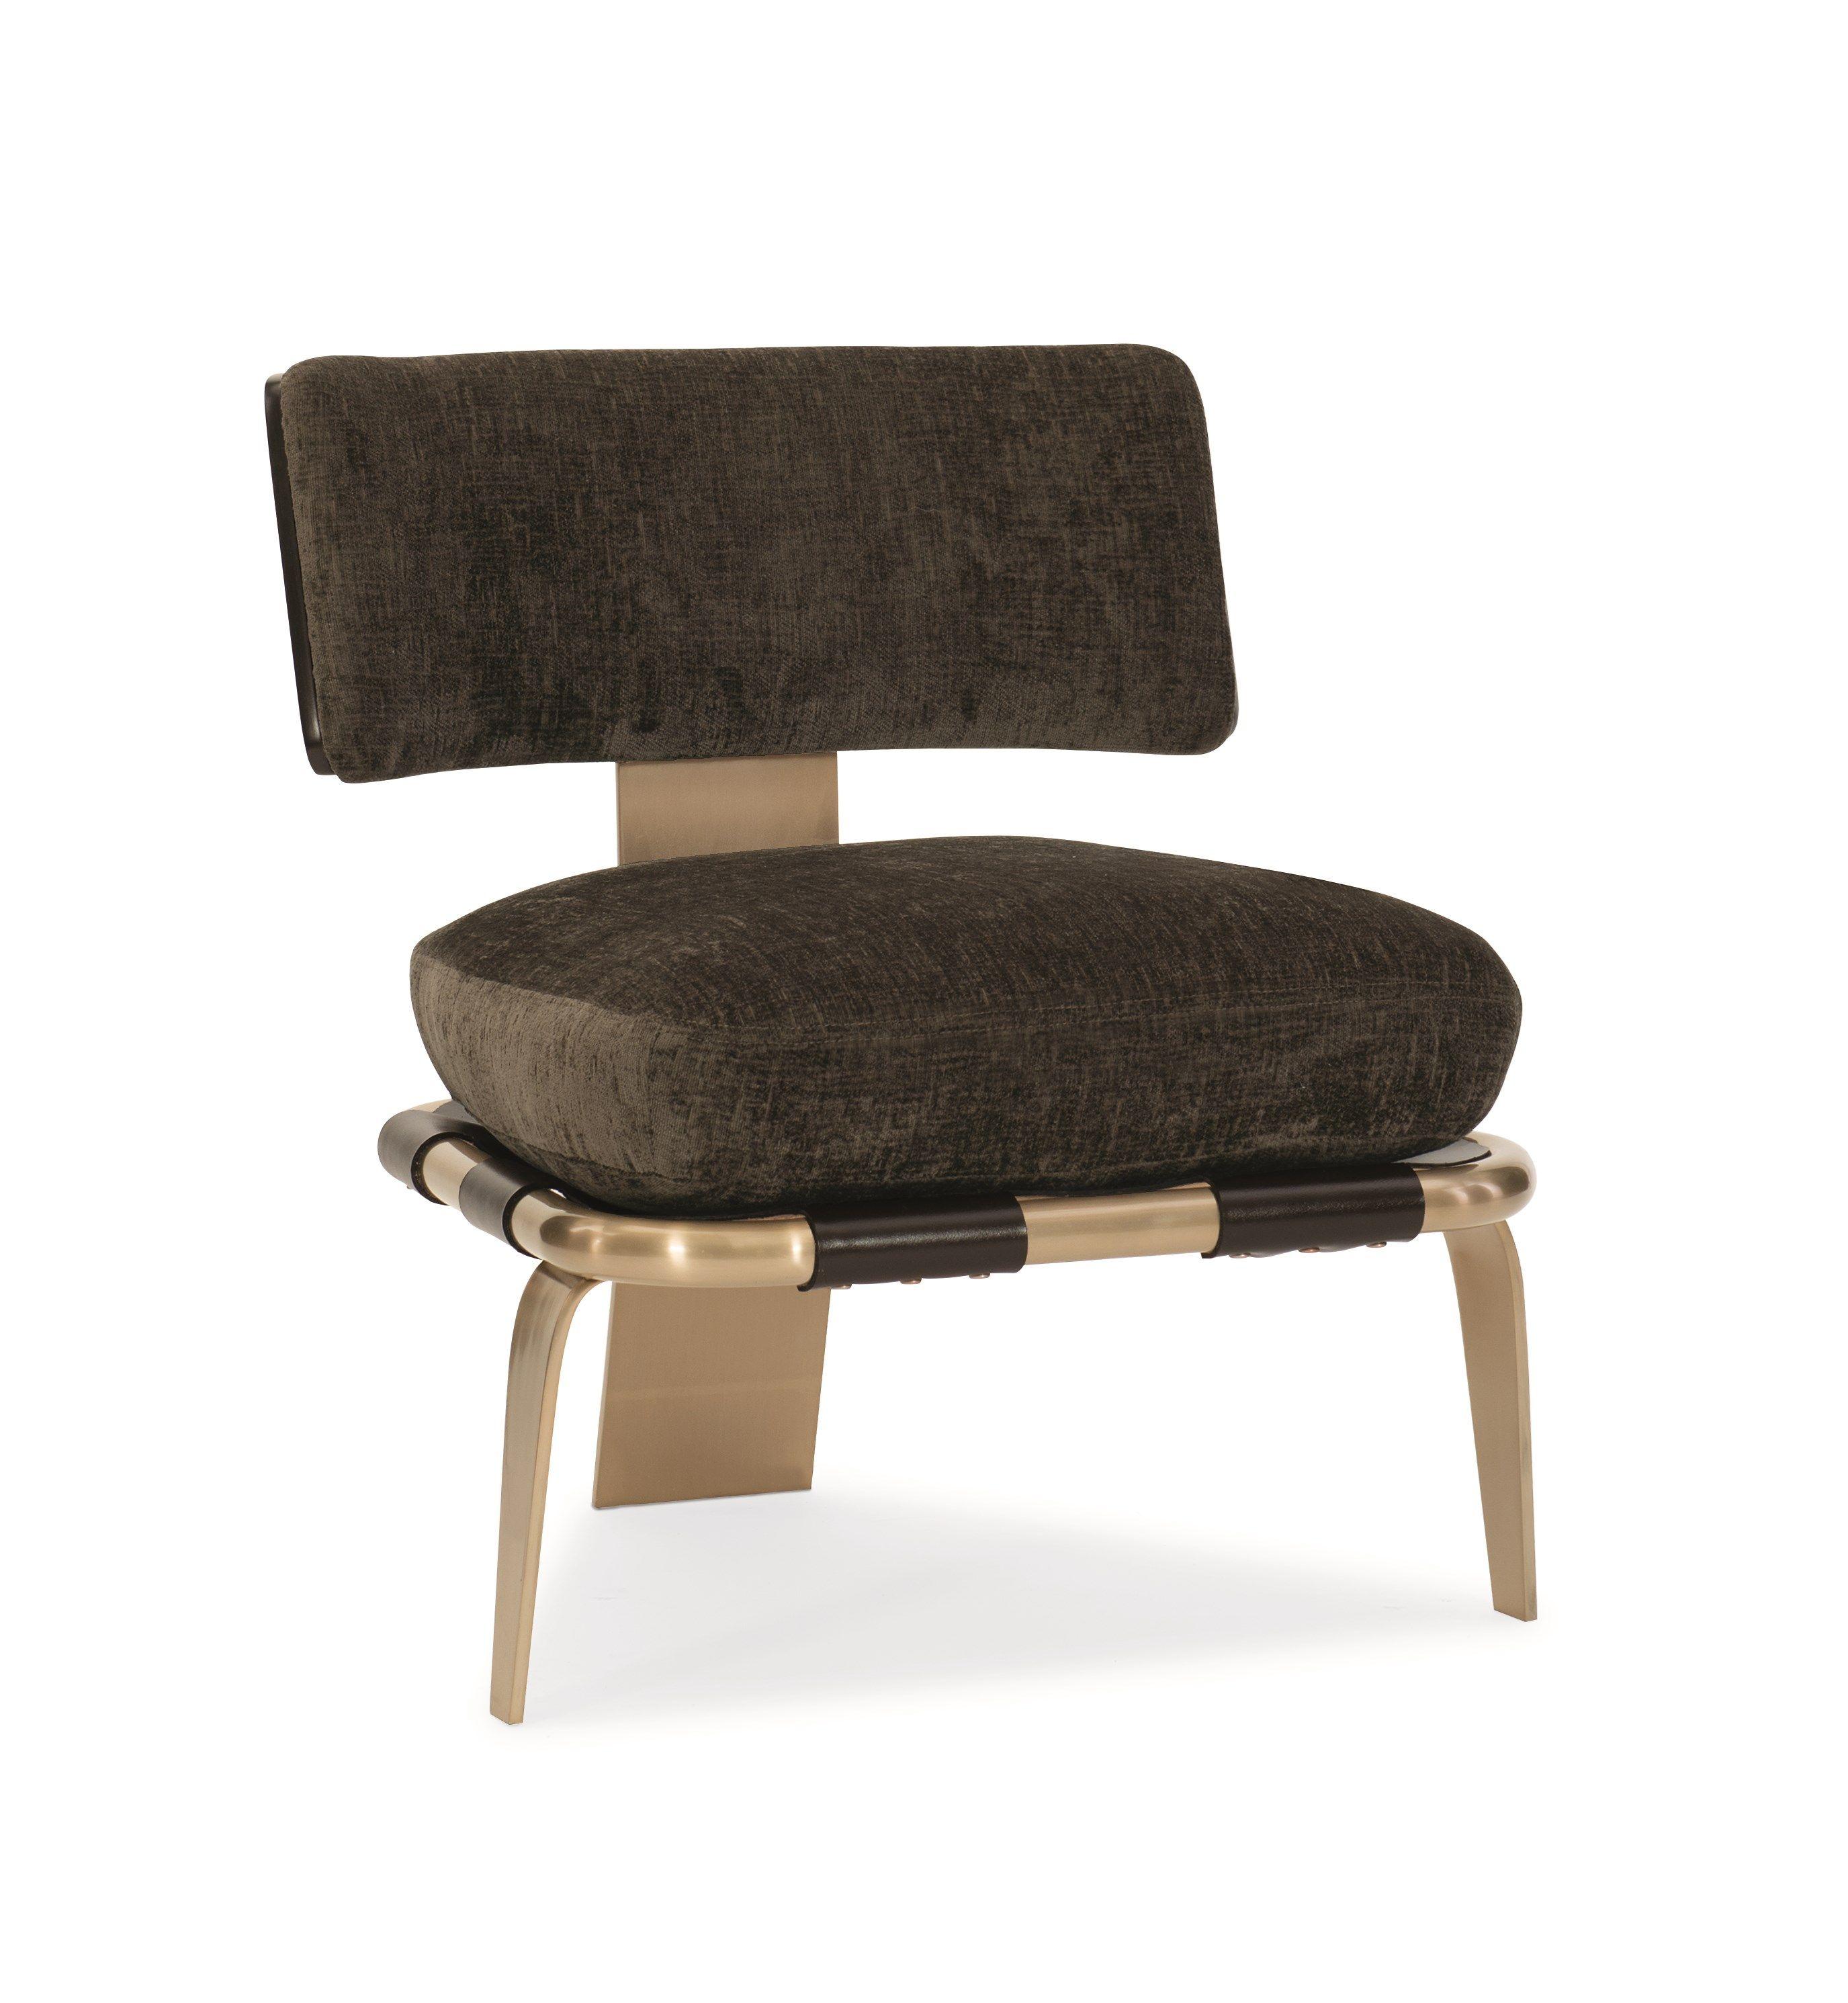 本厂专业定制设计非标工程灯具 承接国内外各大酒店售楼部样板房豪宅会所灯具的设计与生产 Tel 17379546602 微信同号 Qq 1396539362 淘宝 Side Chairs Caracole Chair